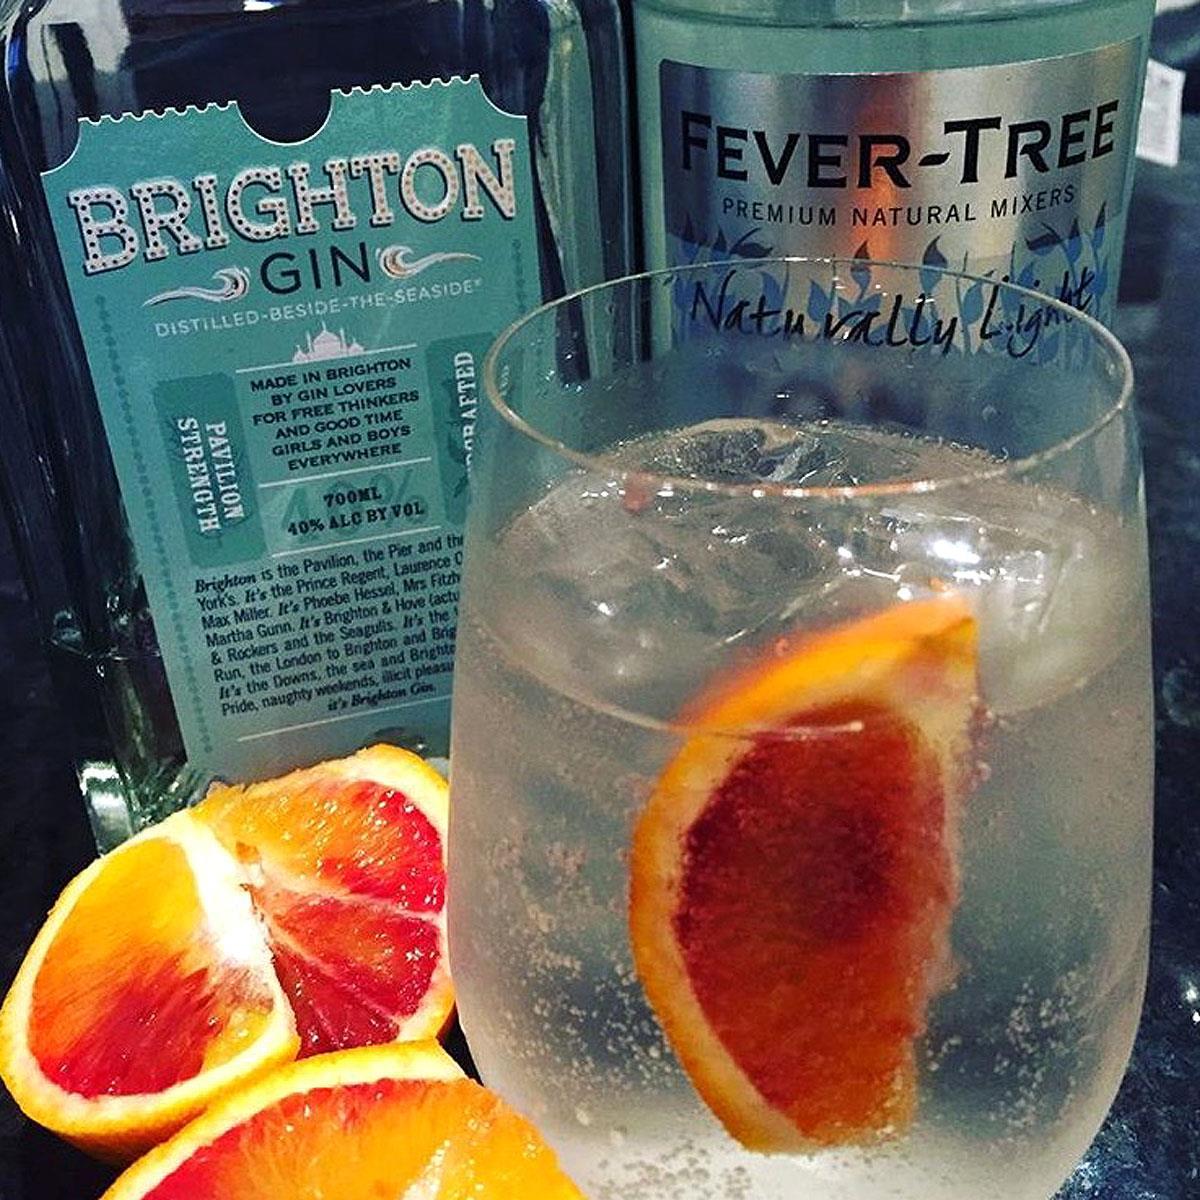 Brighton Gin - Lifestyle